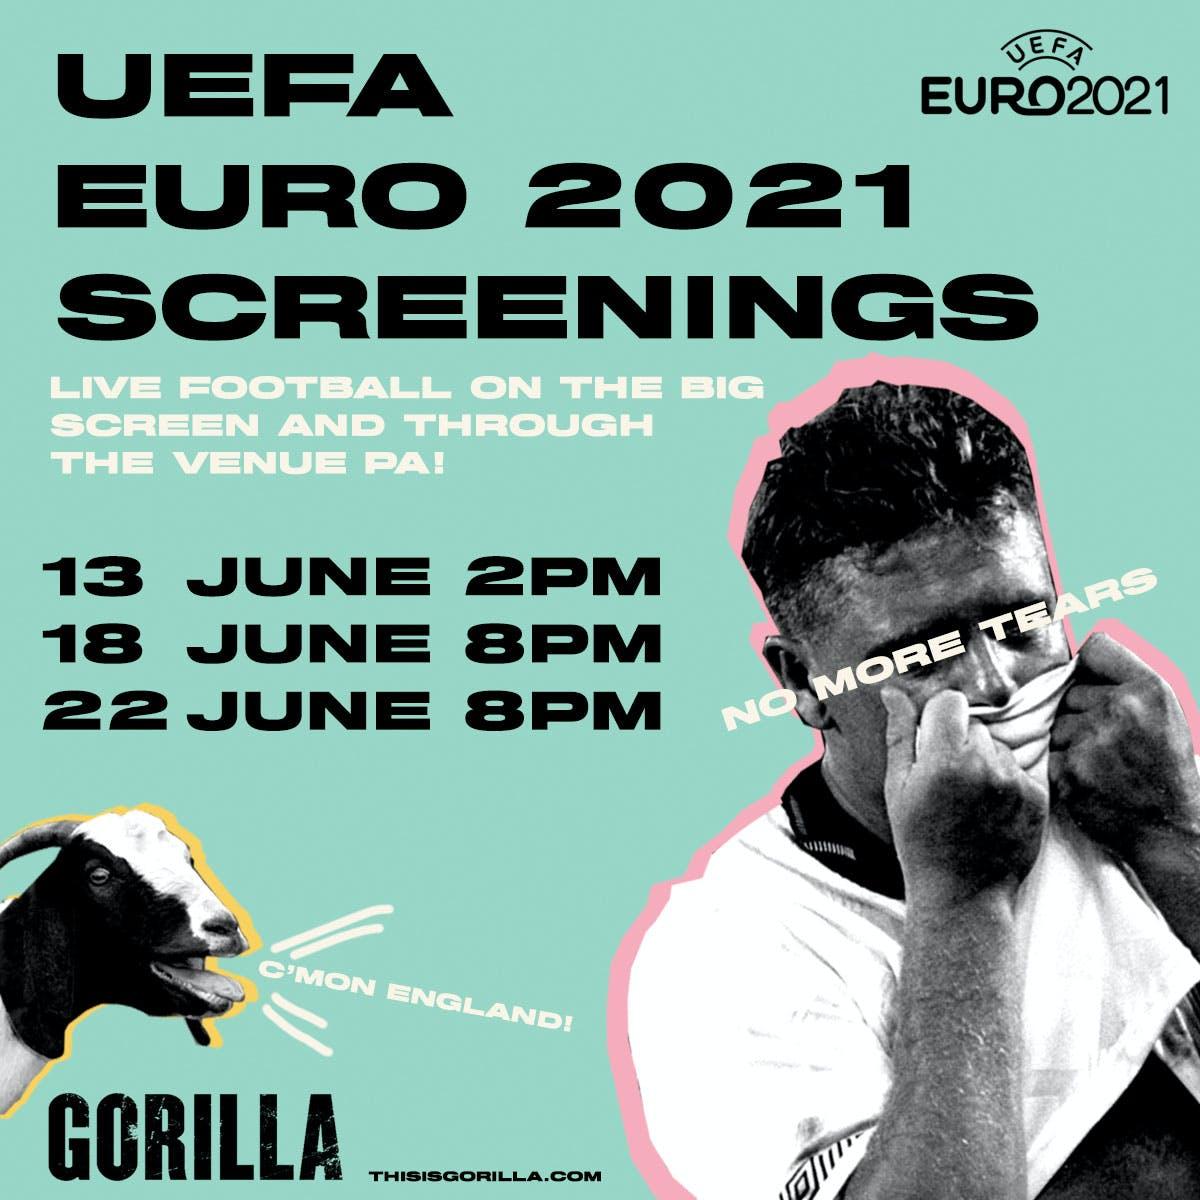 EURO 2021 LIVE